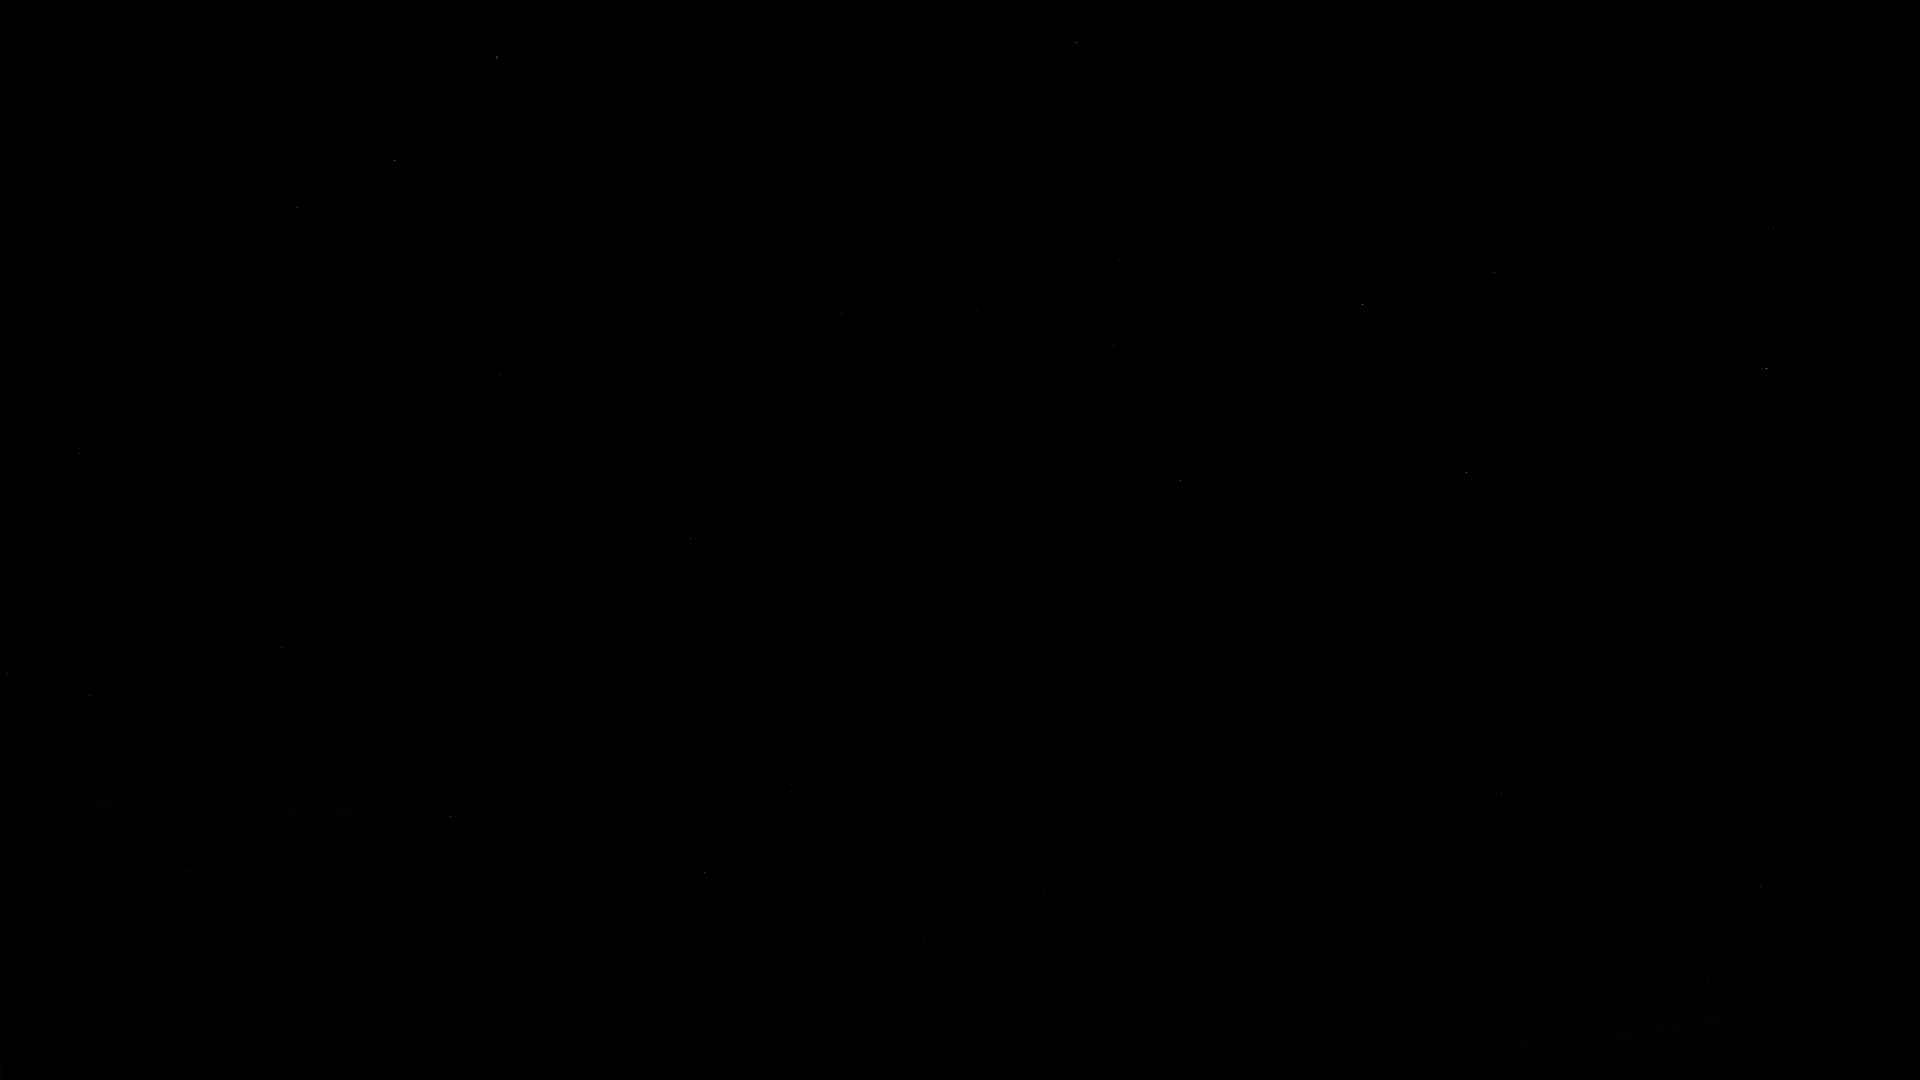 Queenscliff surfcam still image